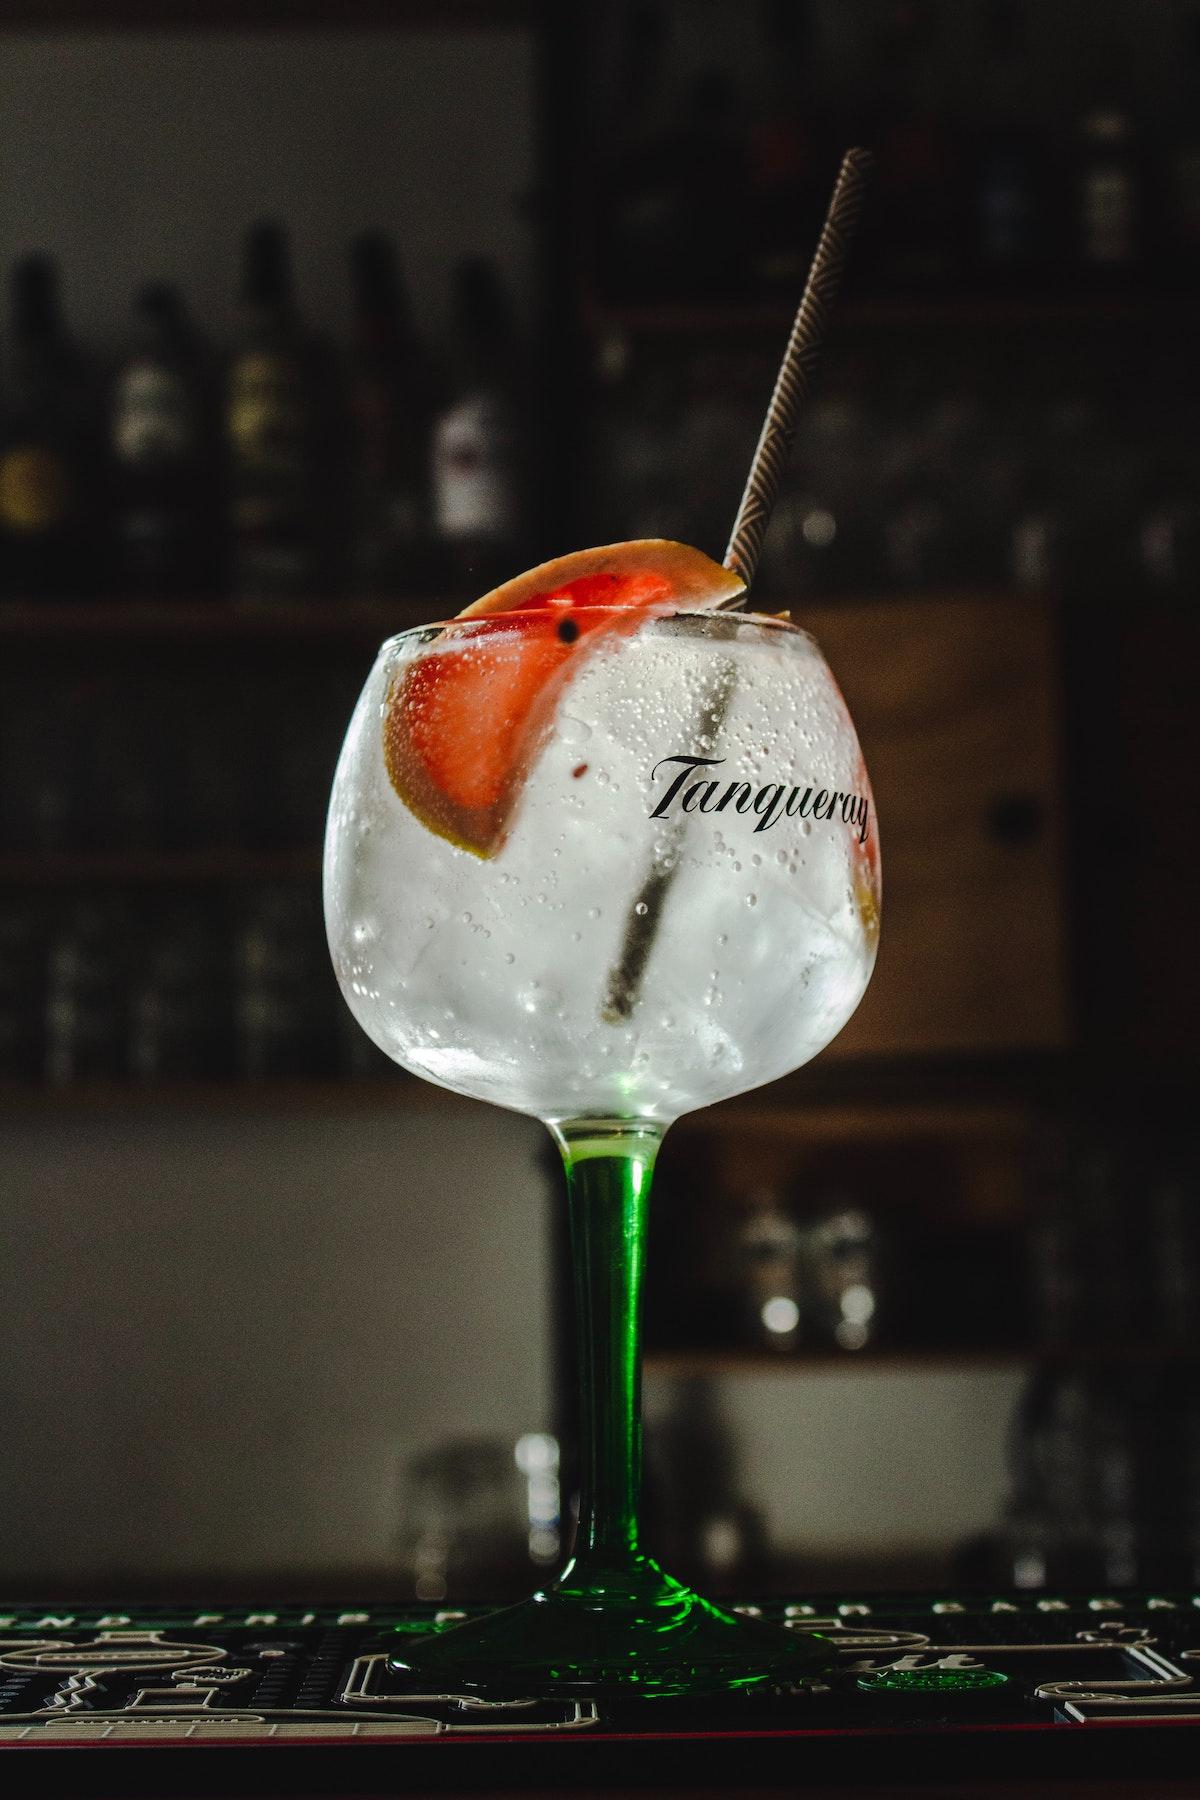 Gin tonic aderezado con cítricos en copa con tallo